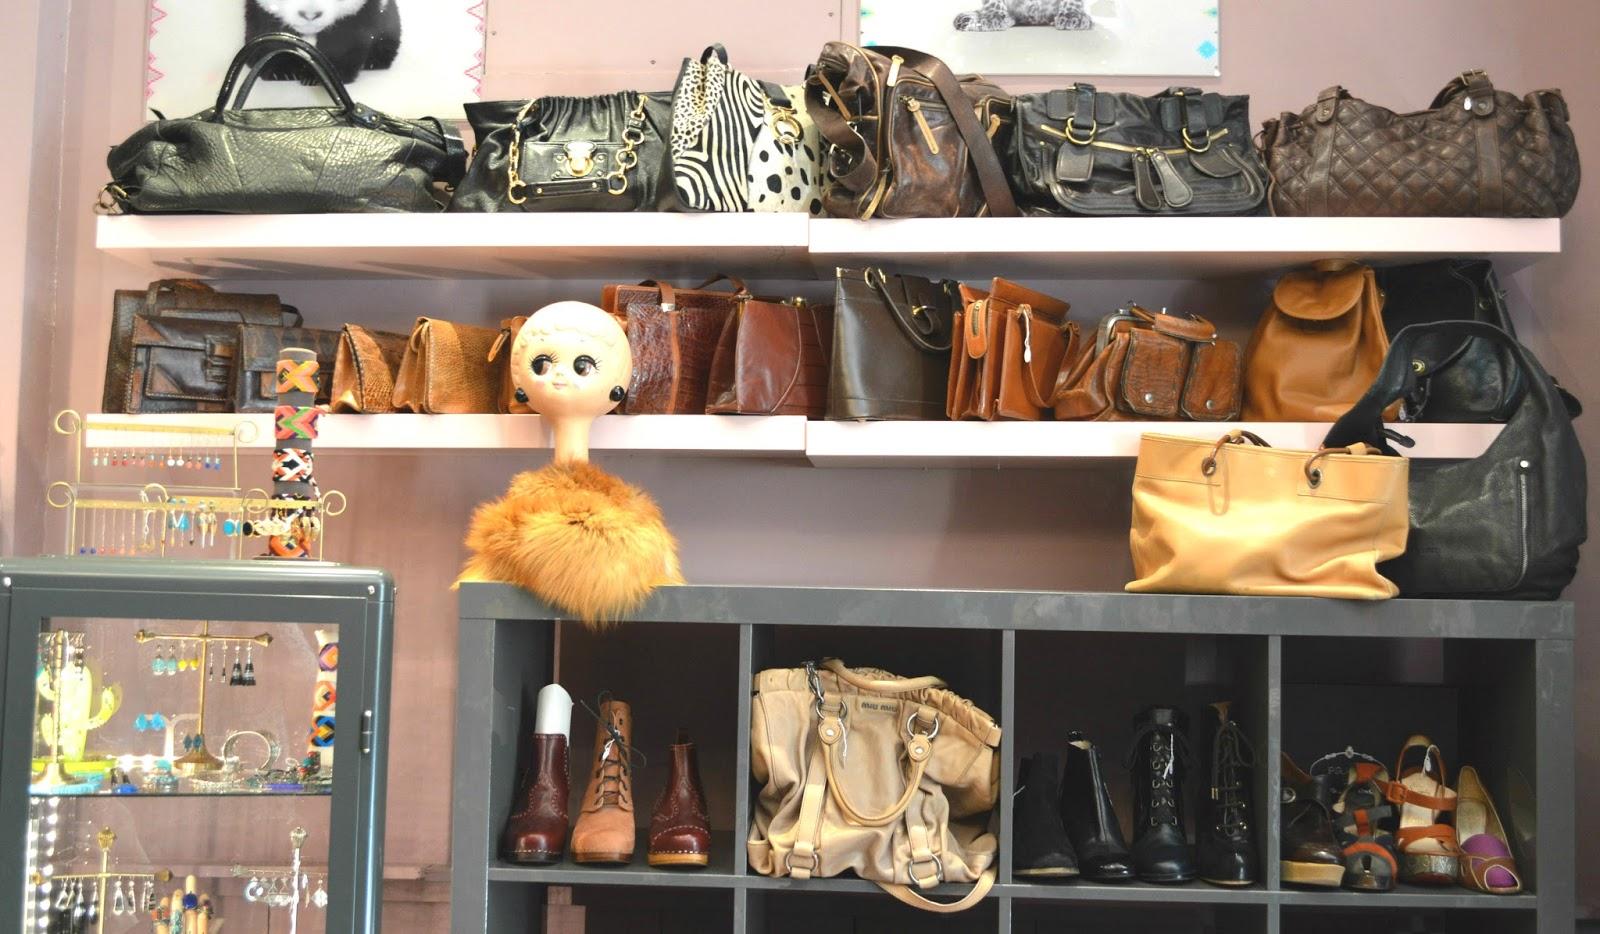 Dépôt-vente Jolis Mômes   Vétements   accessoires à Gignac. Ensuite c est  50 50 et vous pouvez récupérer votre part quand vous voulez b71a22025c41